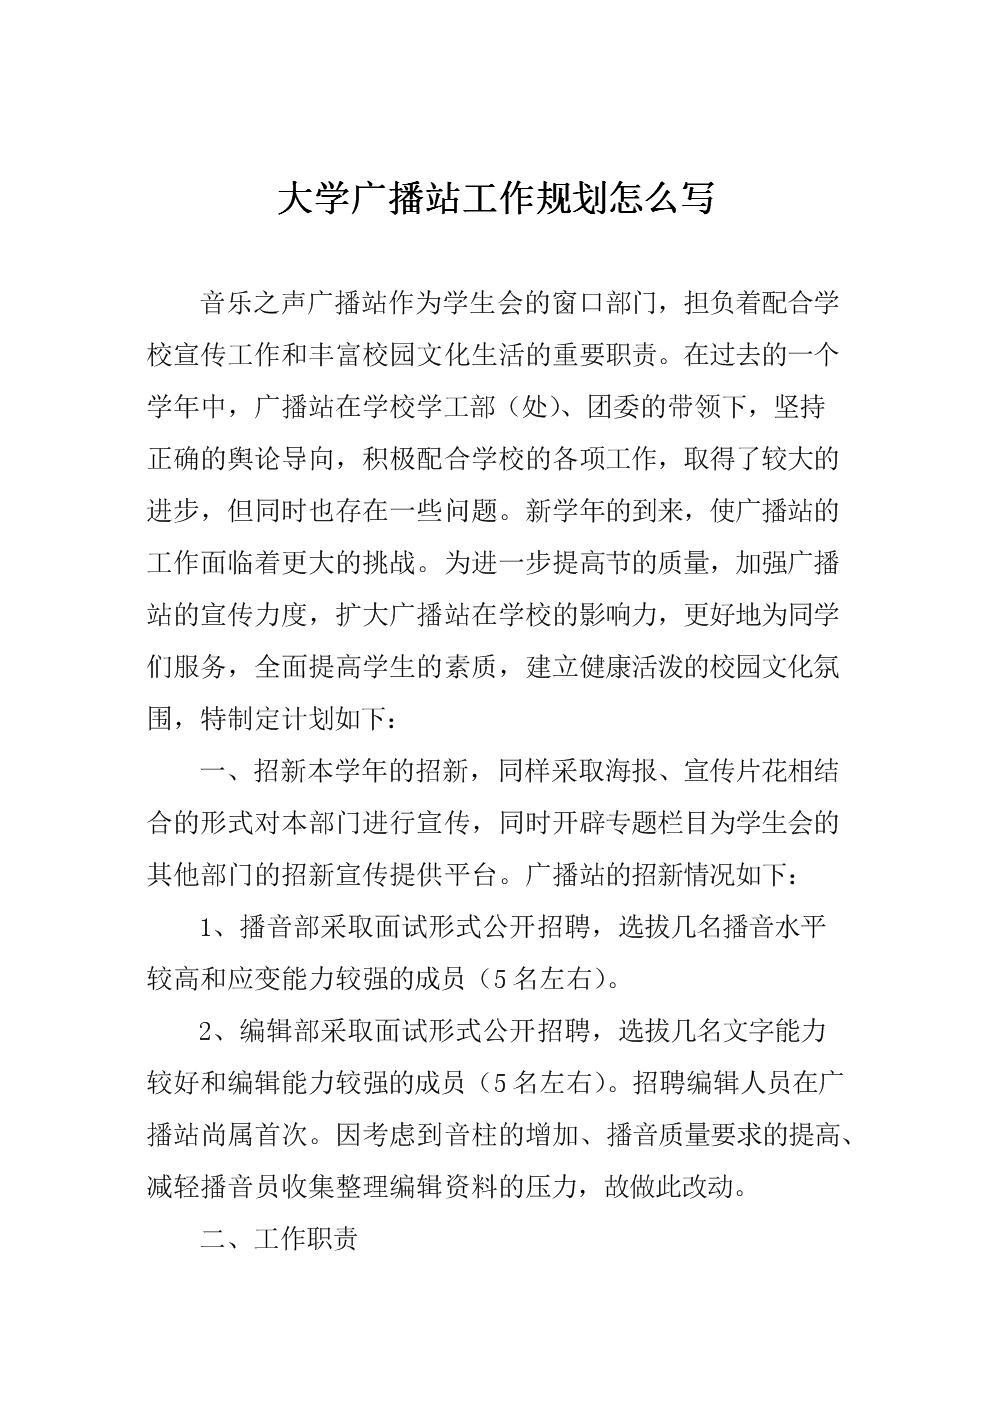 大学广播站工作规划.doc